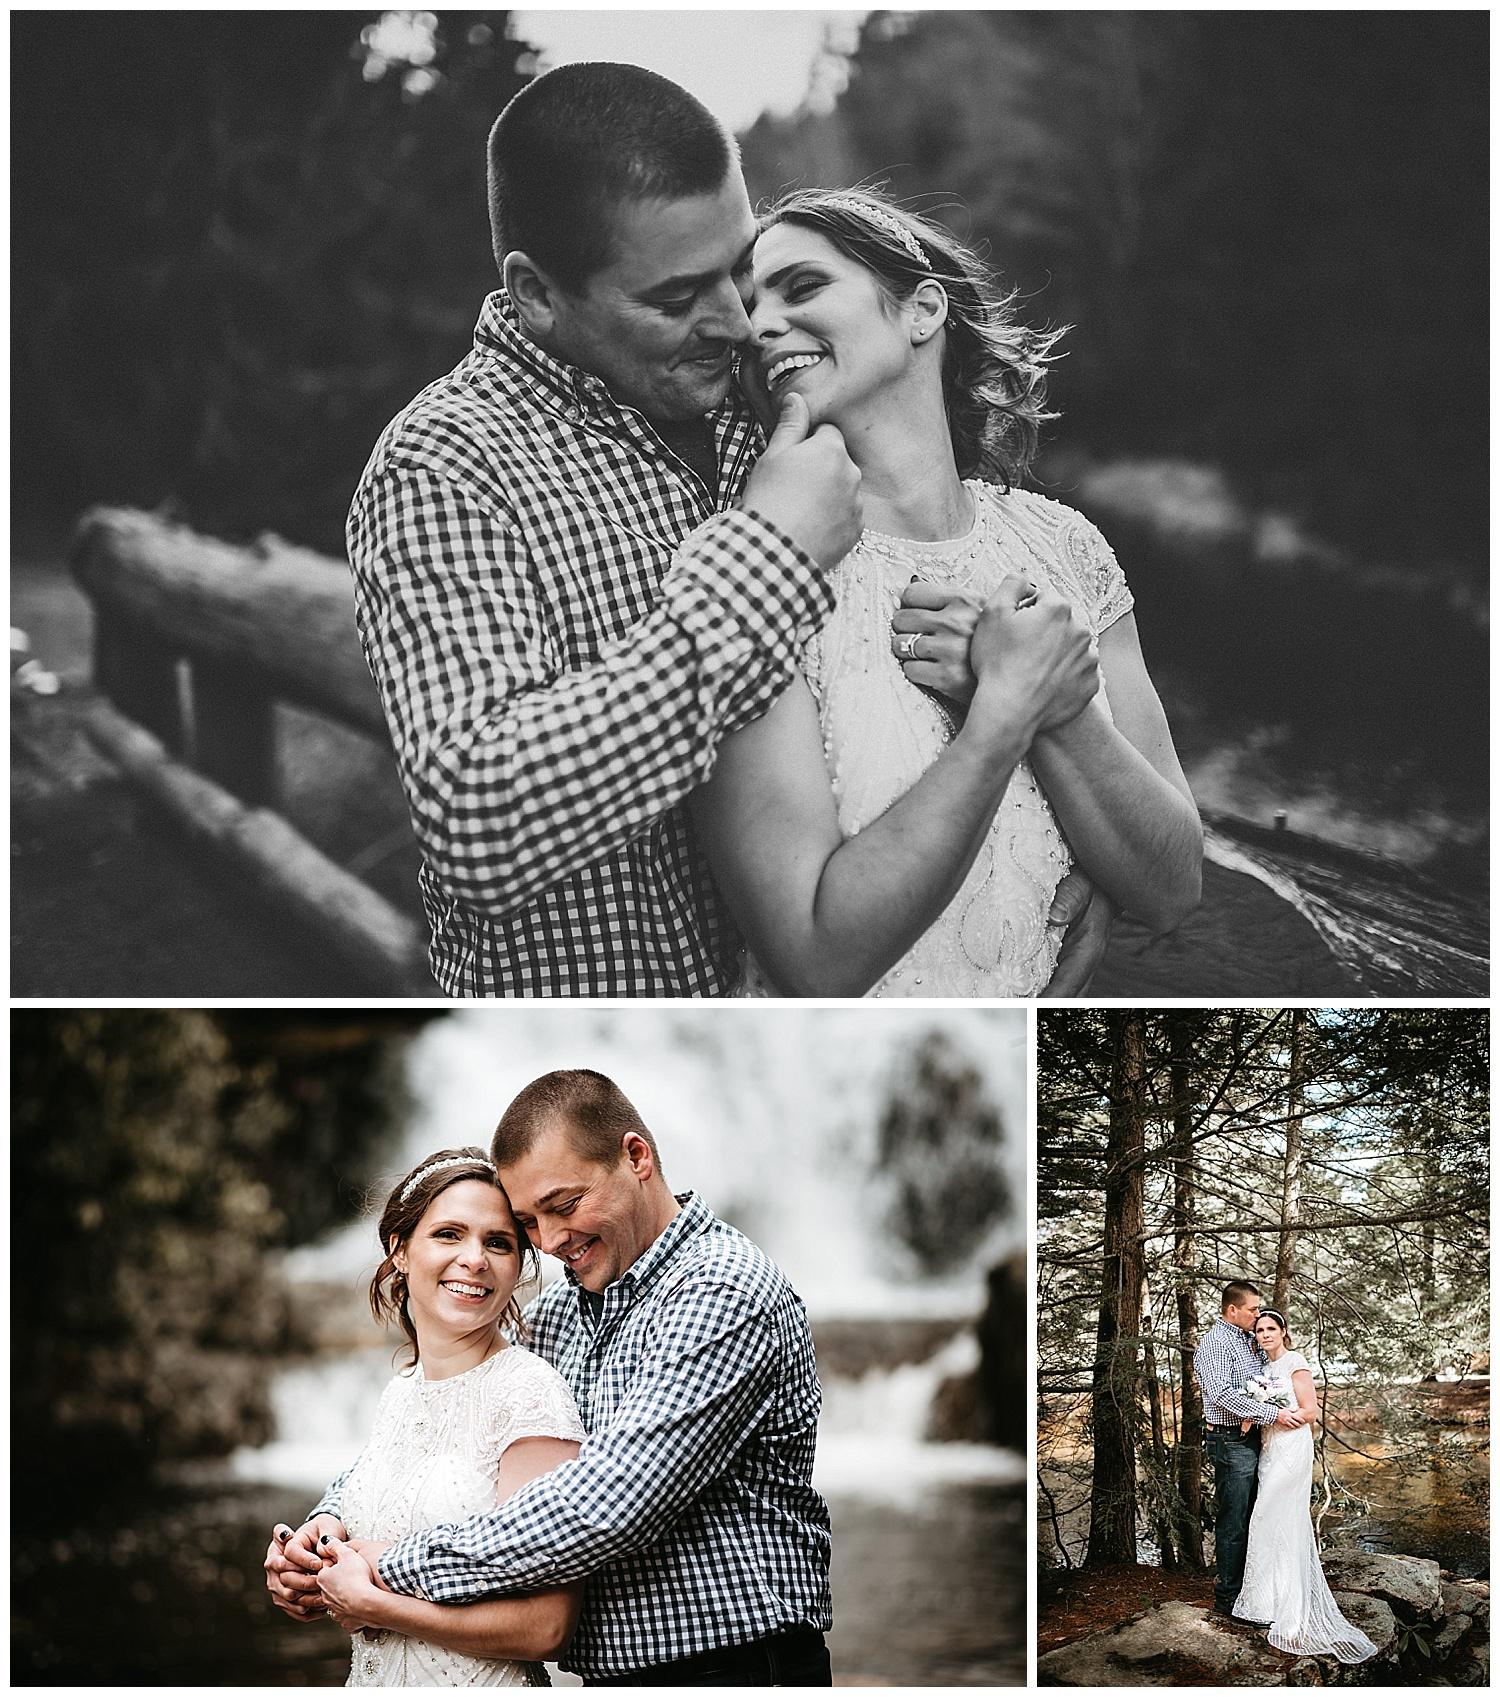 NEPA-Wedding-Engagement-photographer-hickory-run-state-park-hawk-falls-elopement_0028.jpg